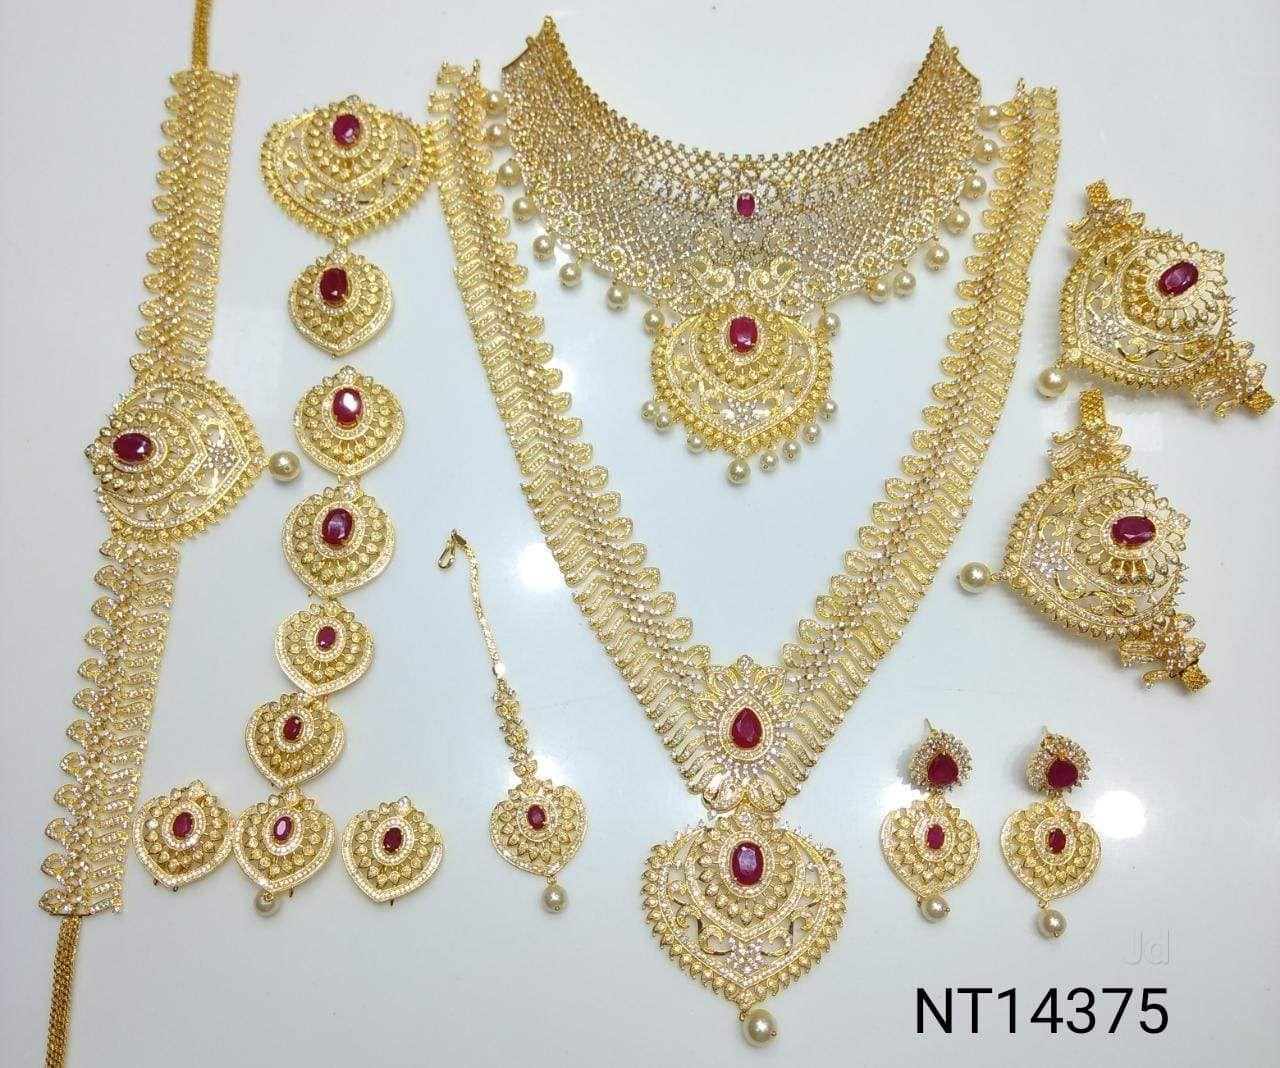 Sri Mahalakshmi Bridal Jewellery Sets Photos, Sharadadevi Nagar ...